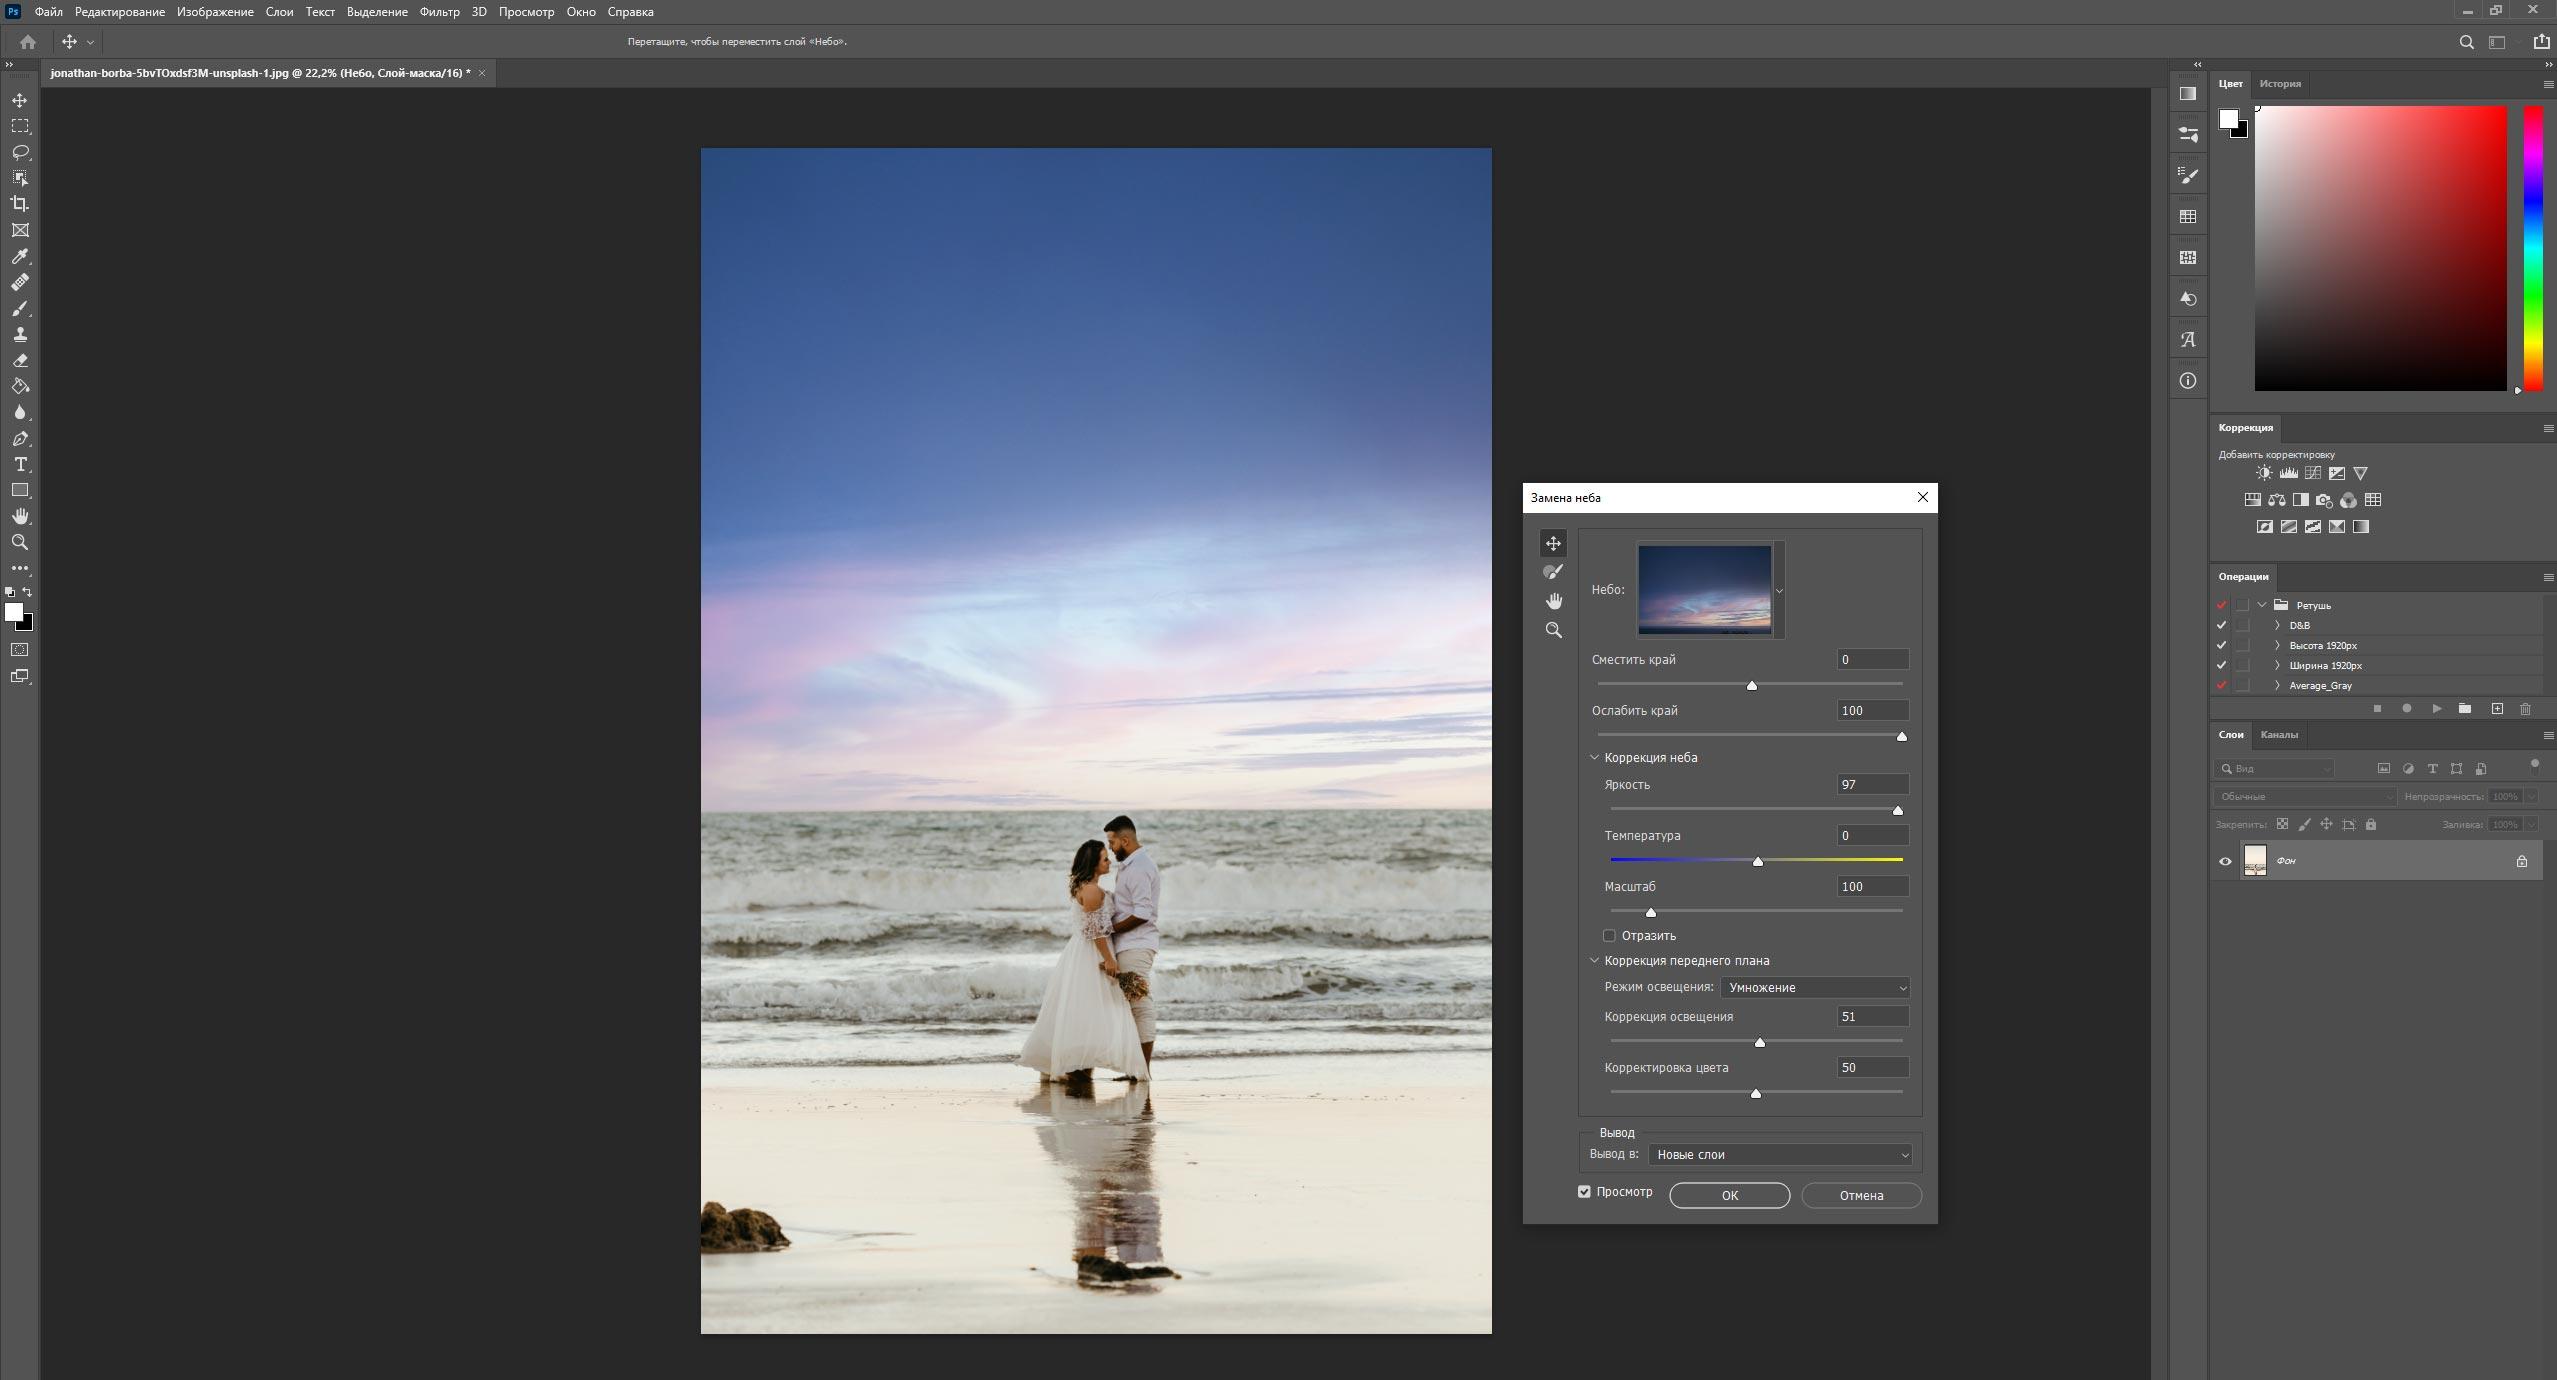 Замена неба на свадебной фотографии с помощью фотошопа